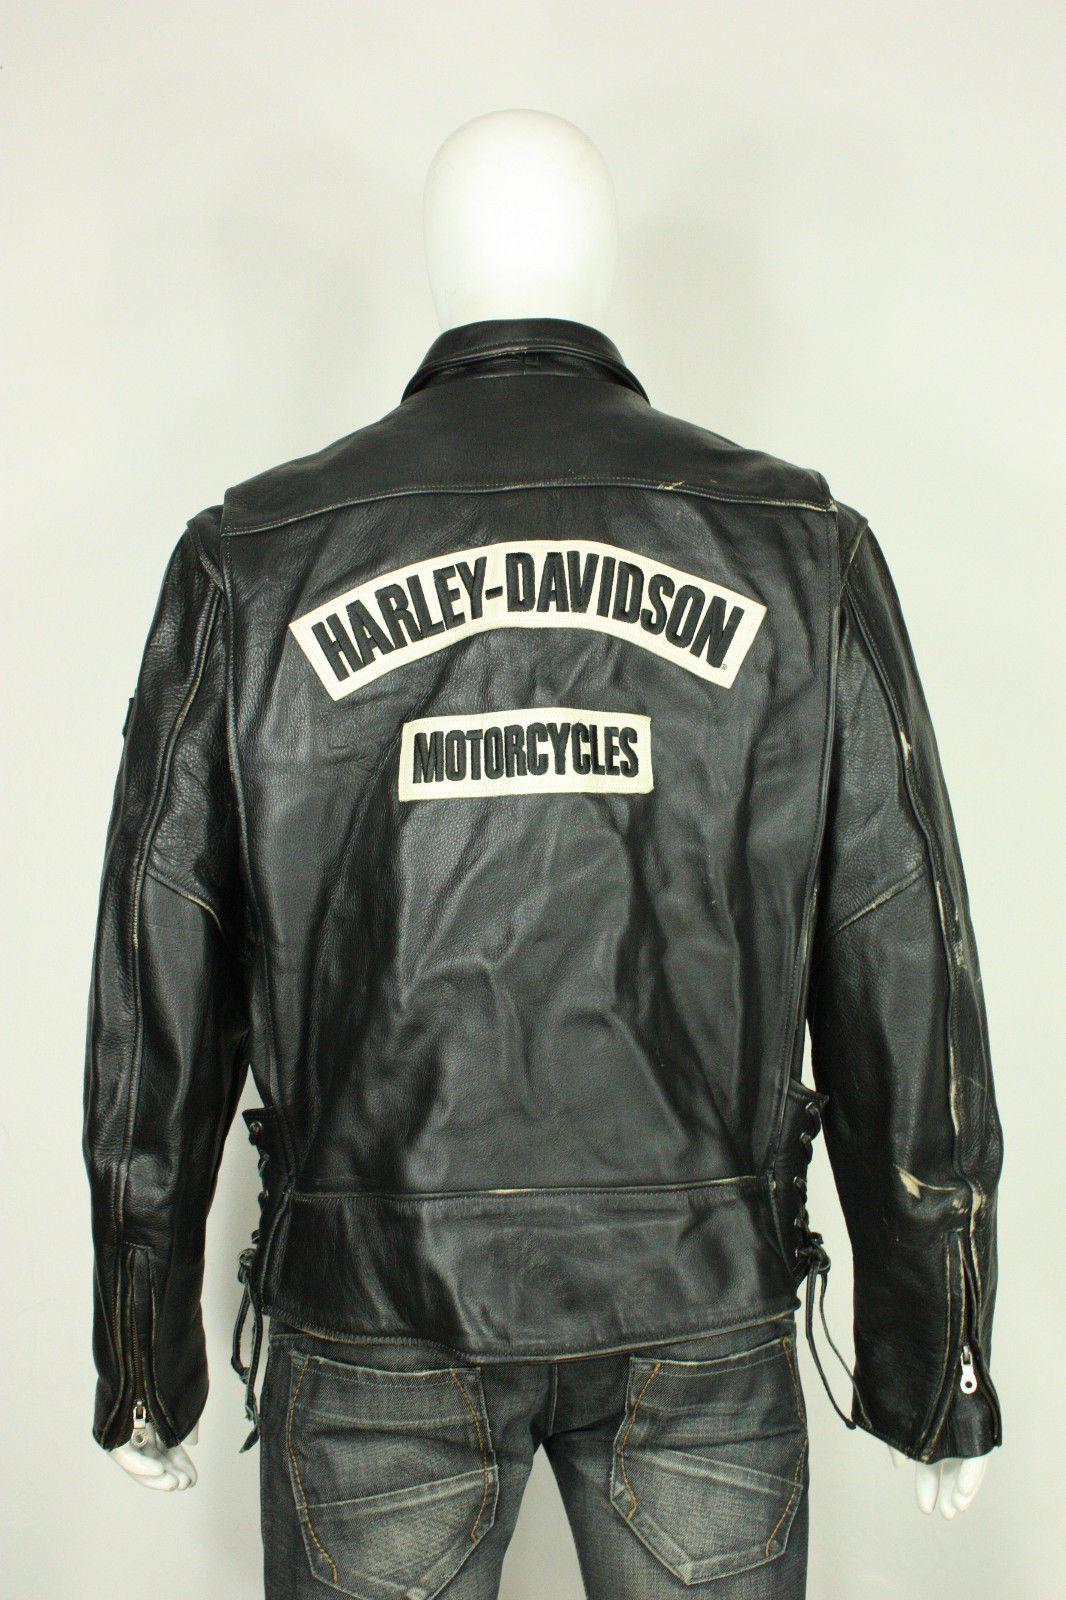 Harley Davidson Leather Jackets Ebay Uk Anlis